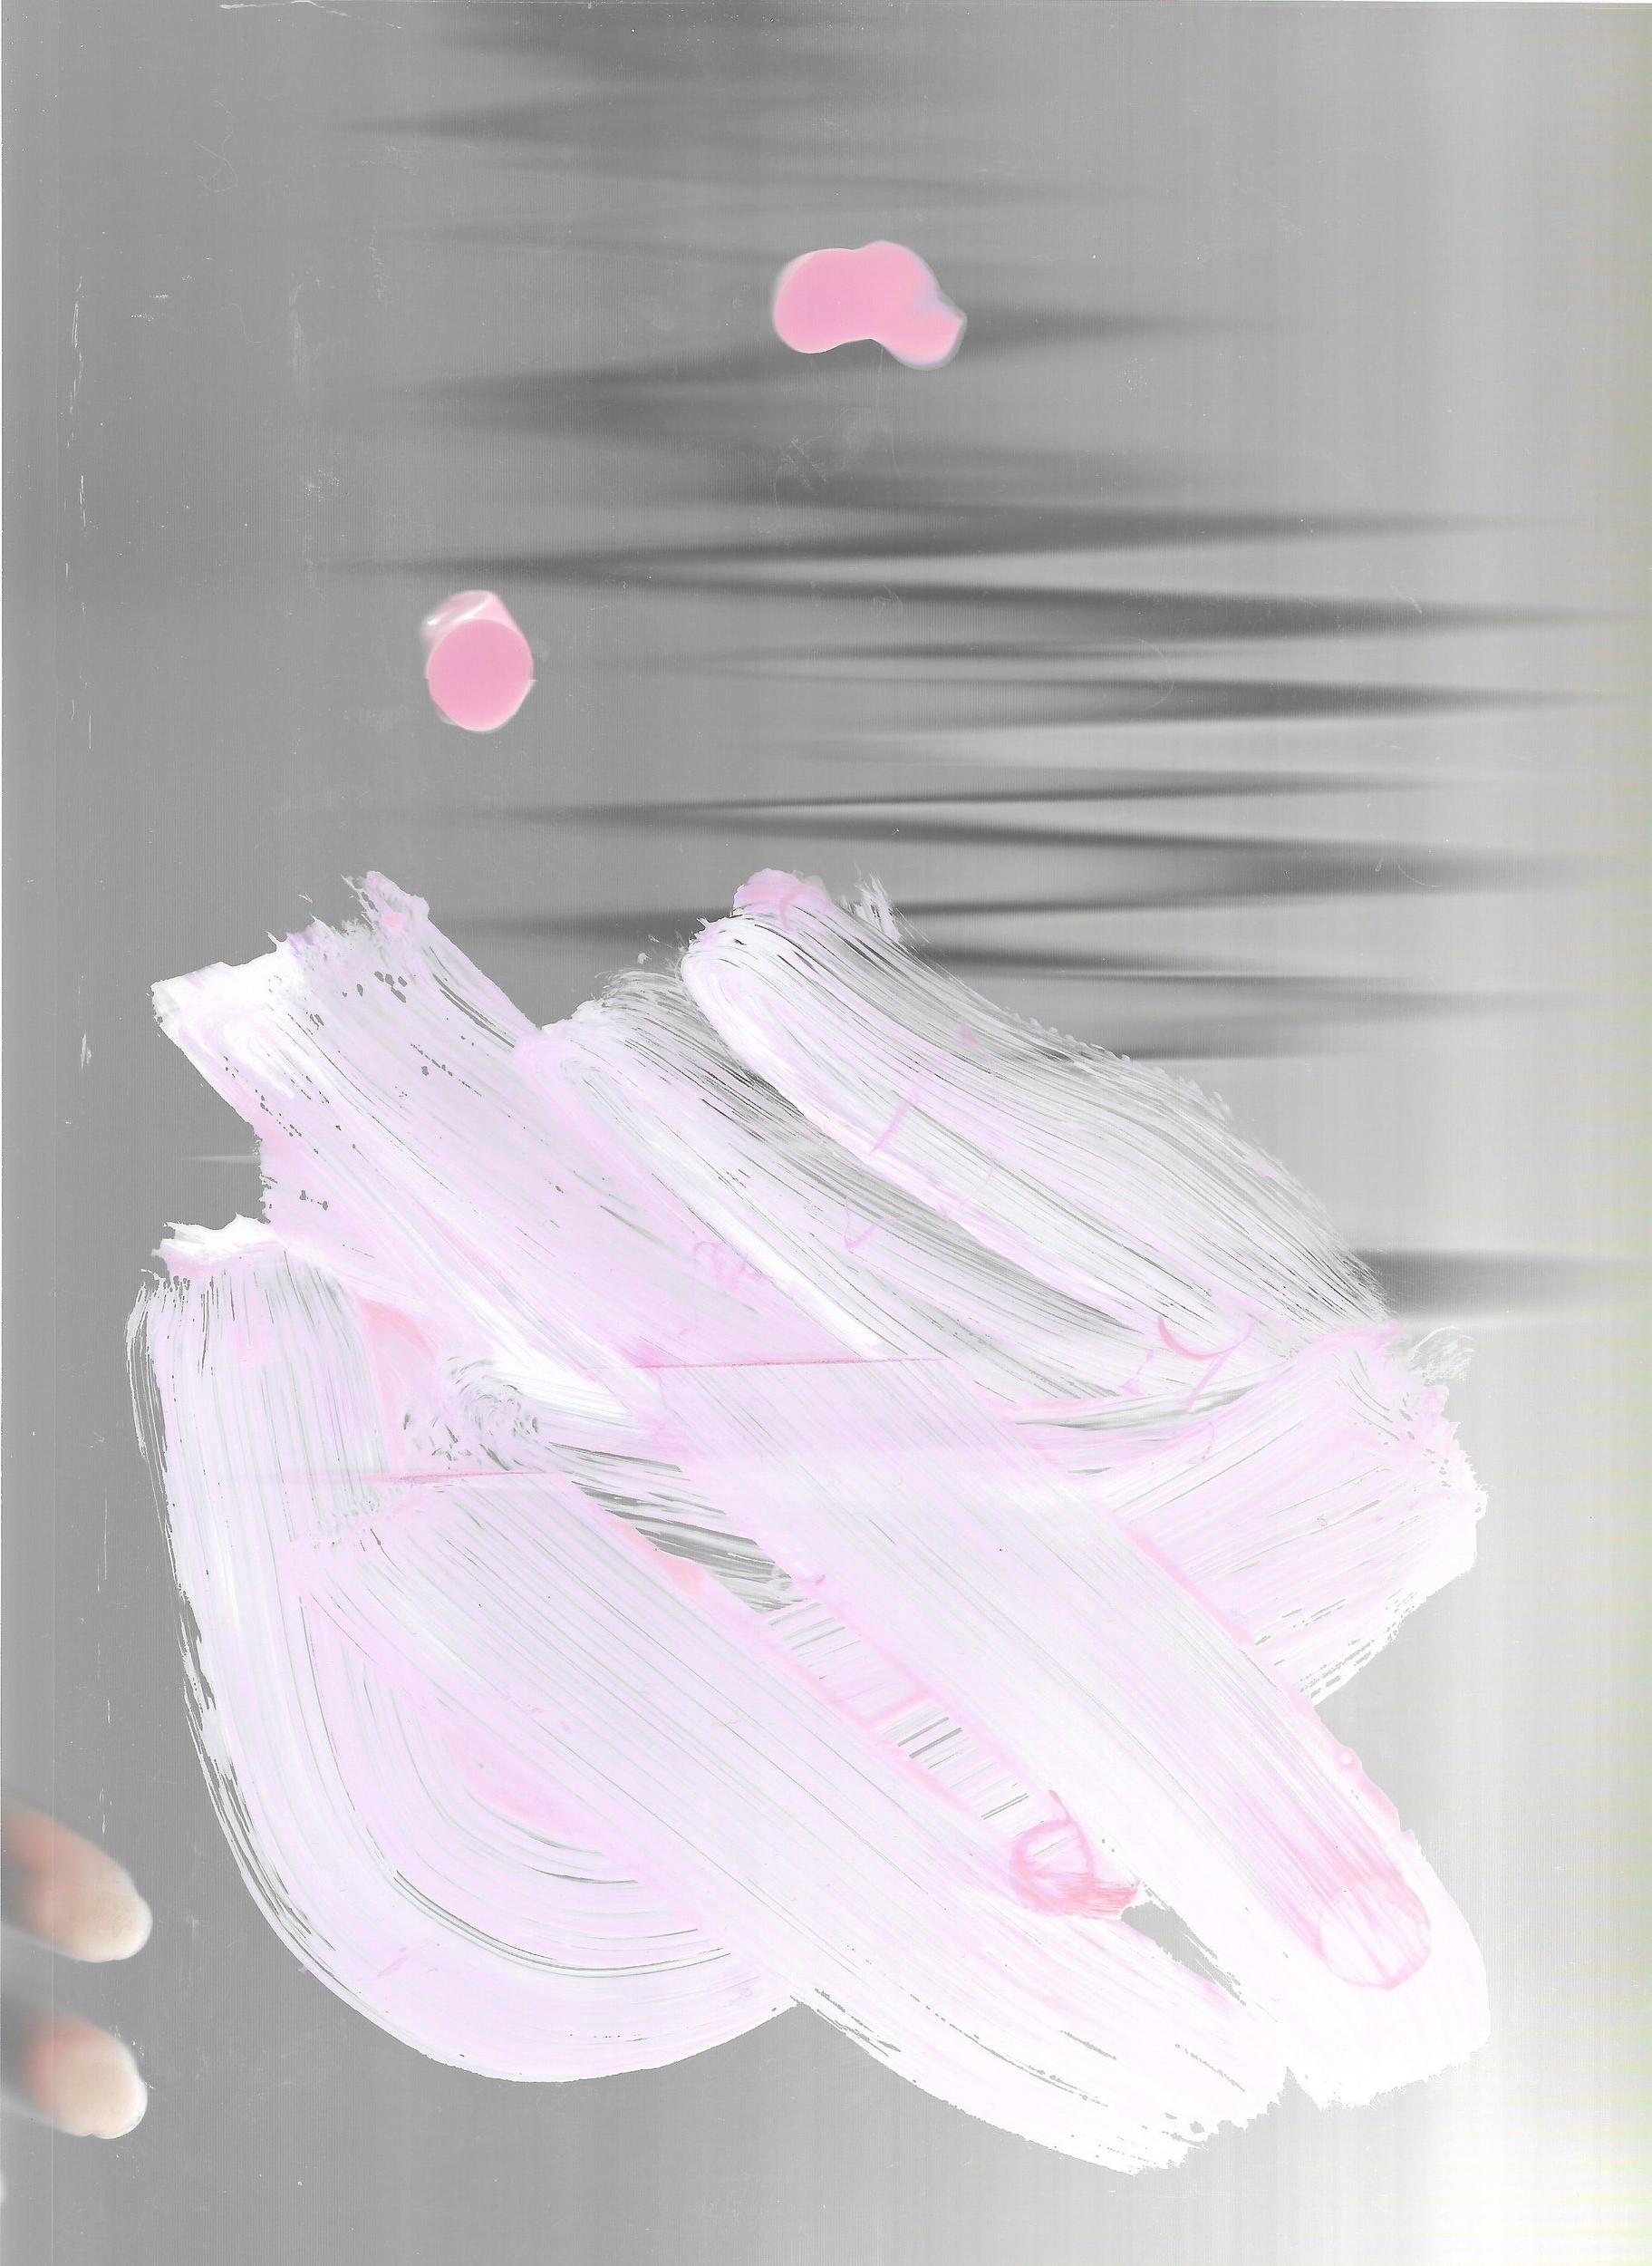 pink paint 3.jpeg